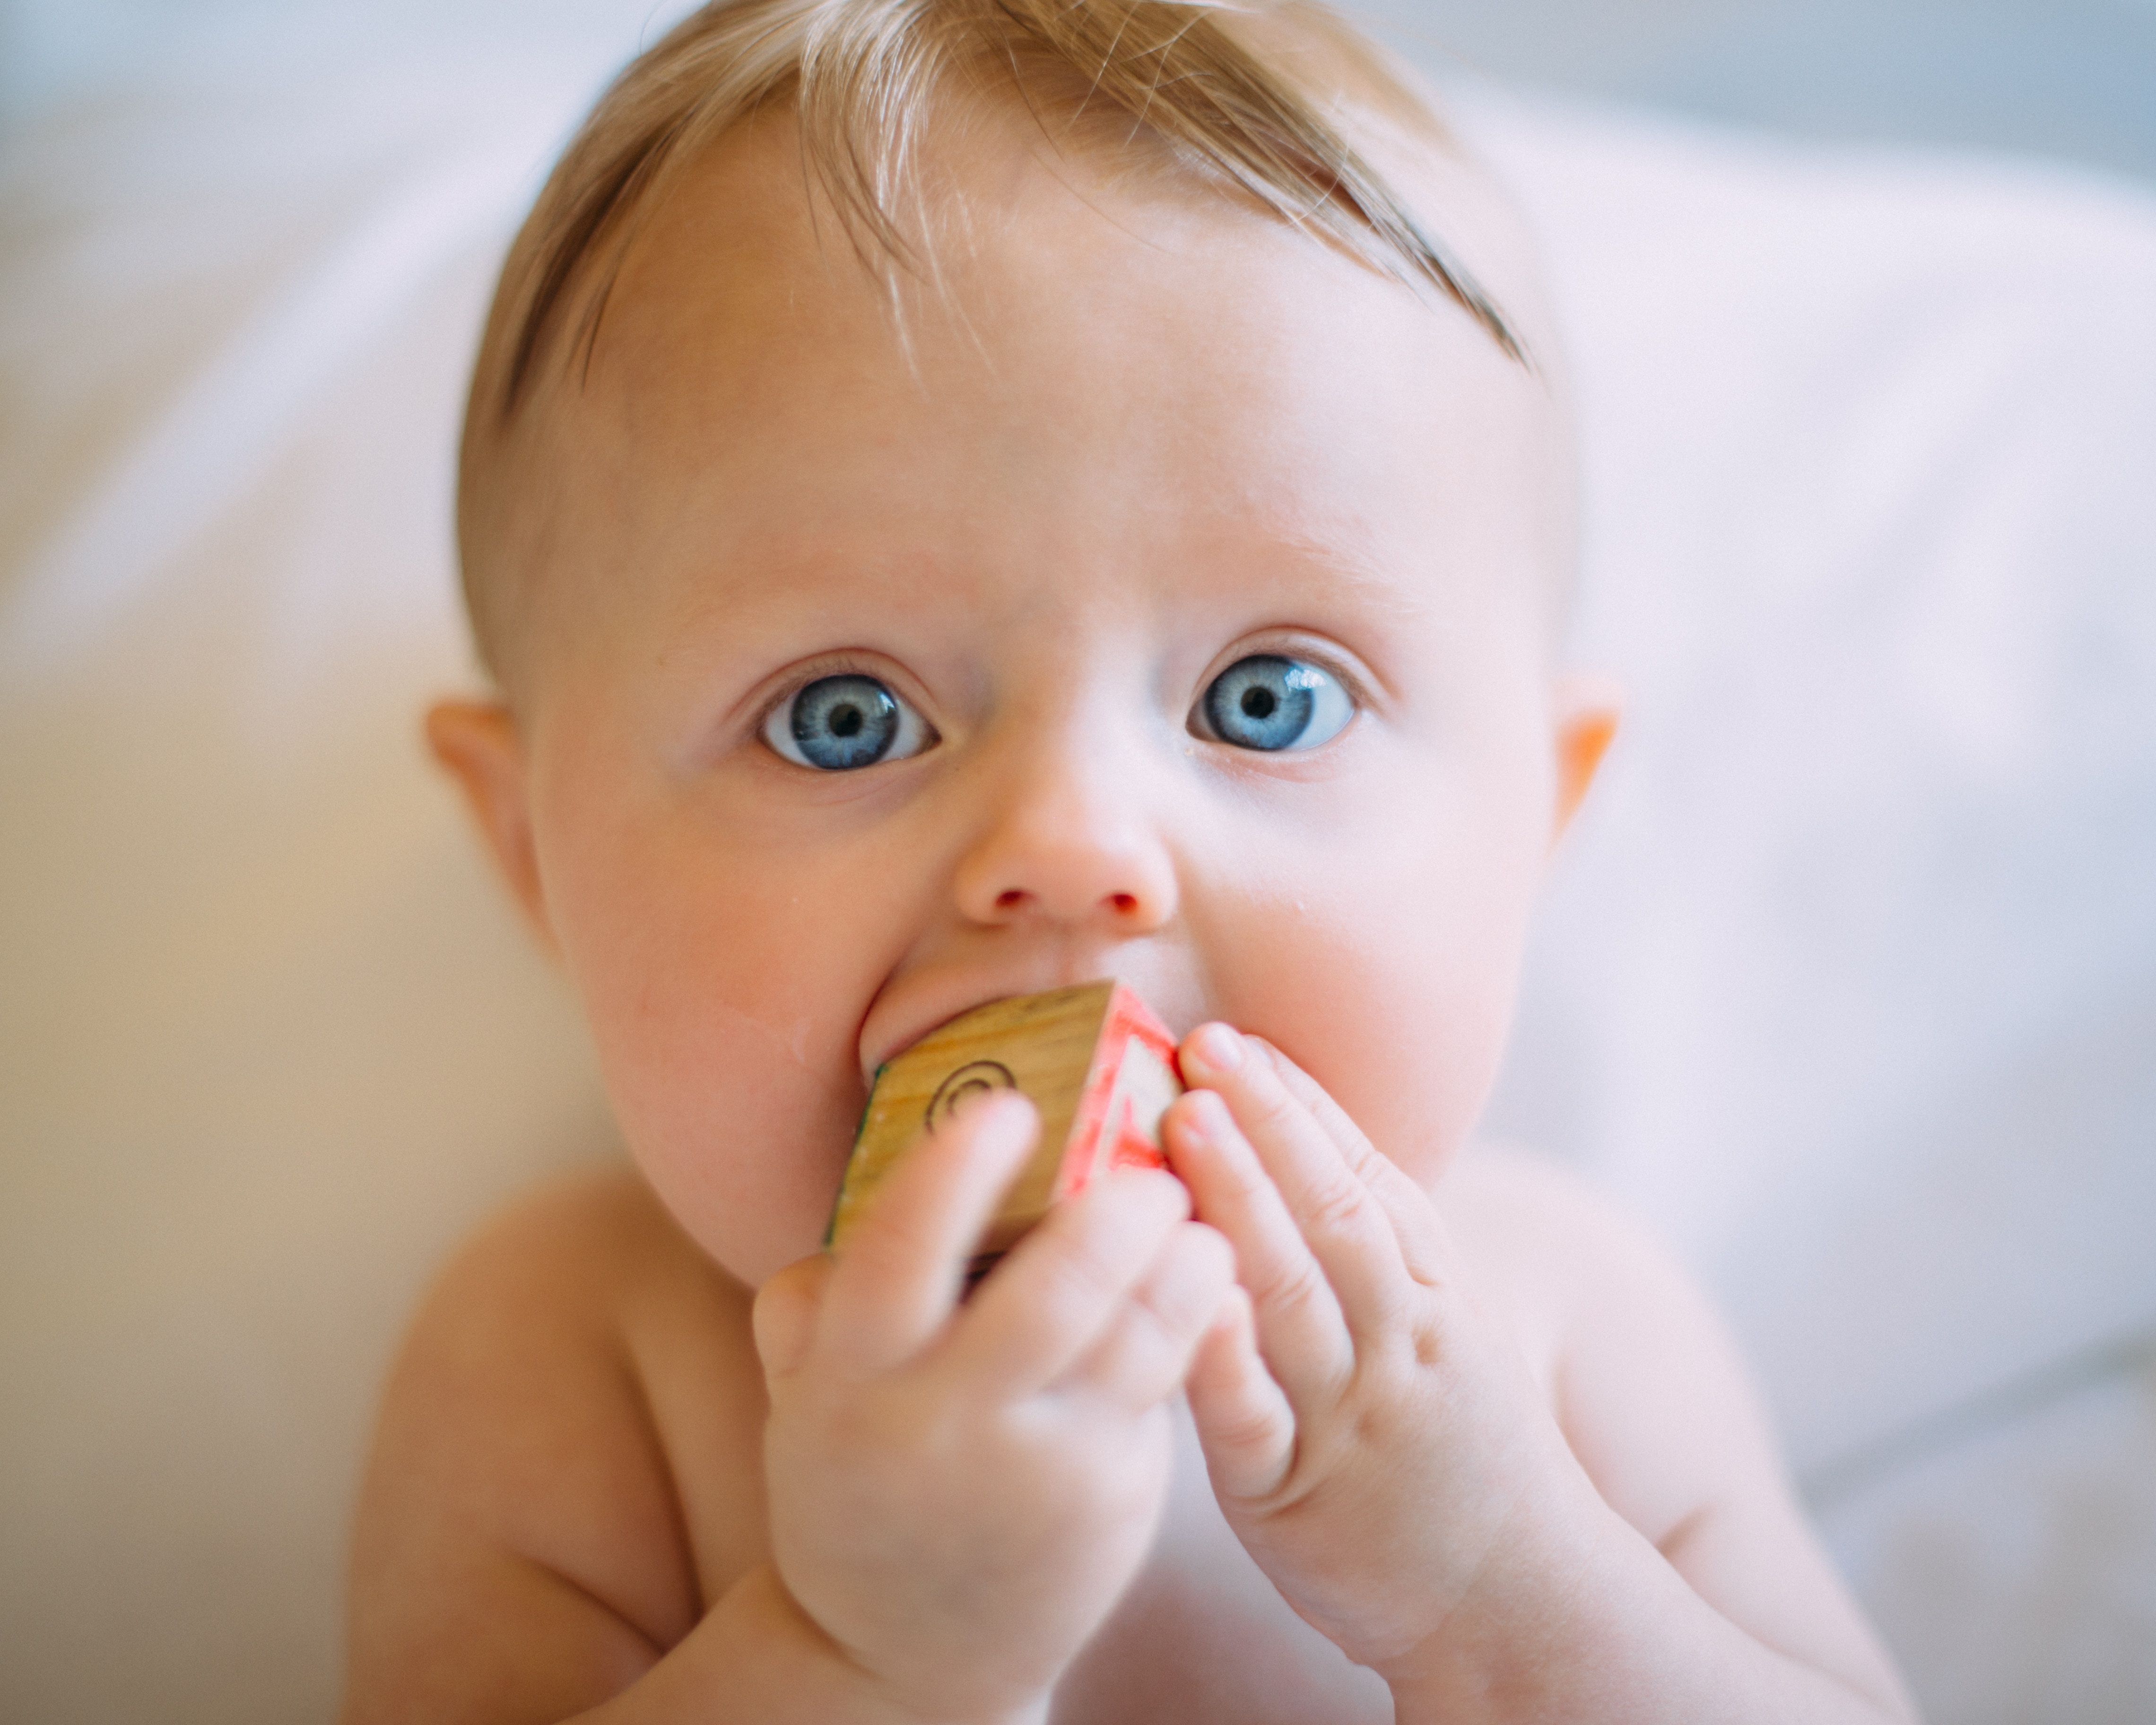 寶寶吸手手是否該禁止